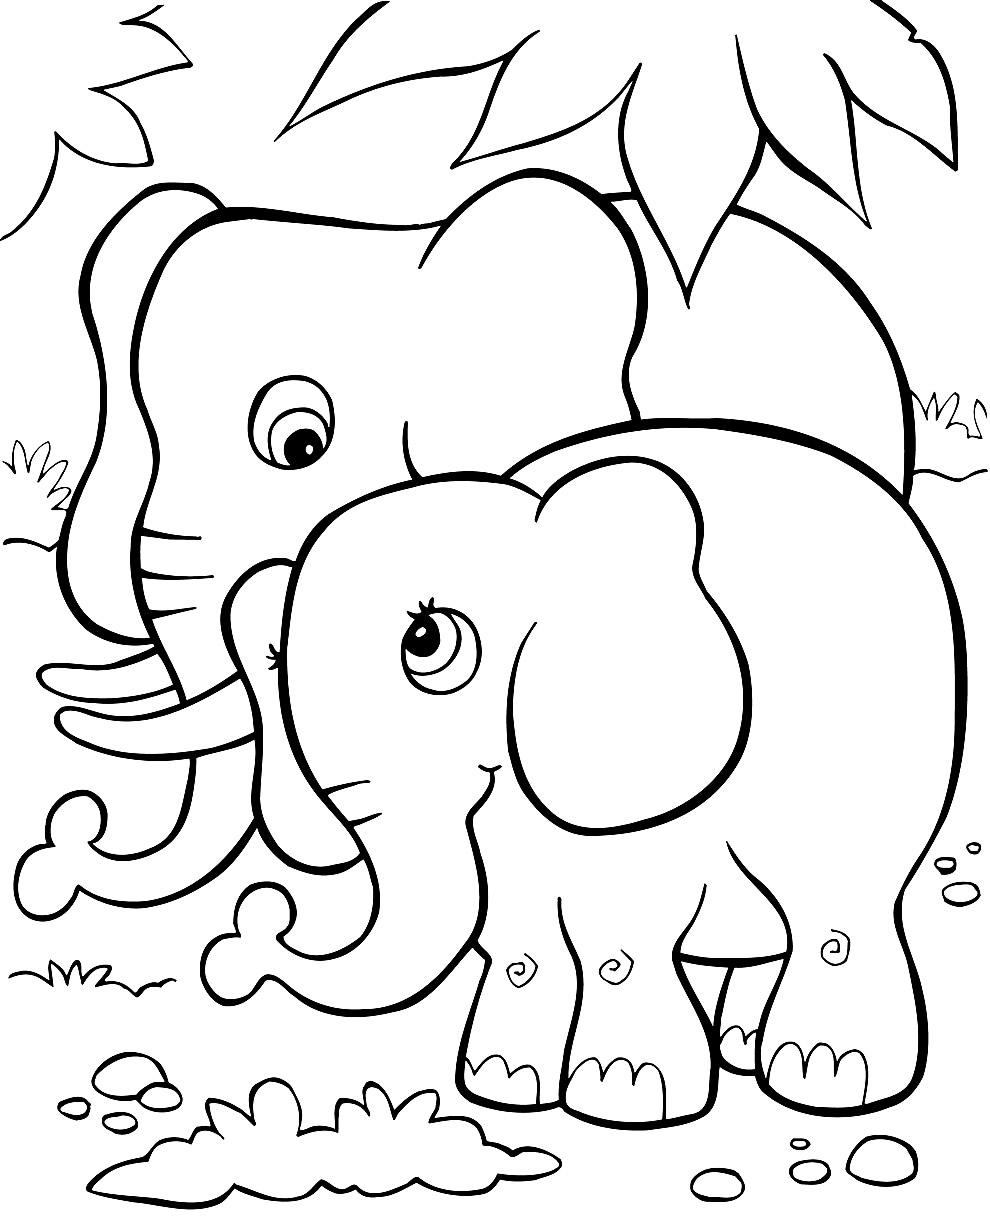 Desenho de elefantes para colorir